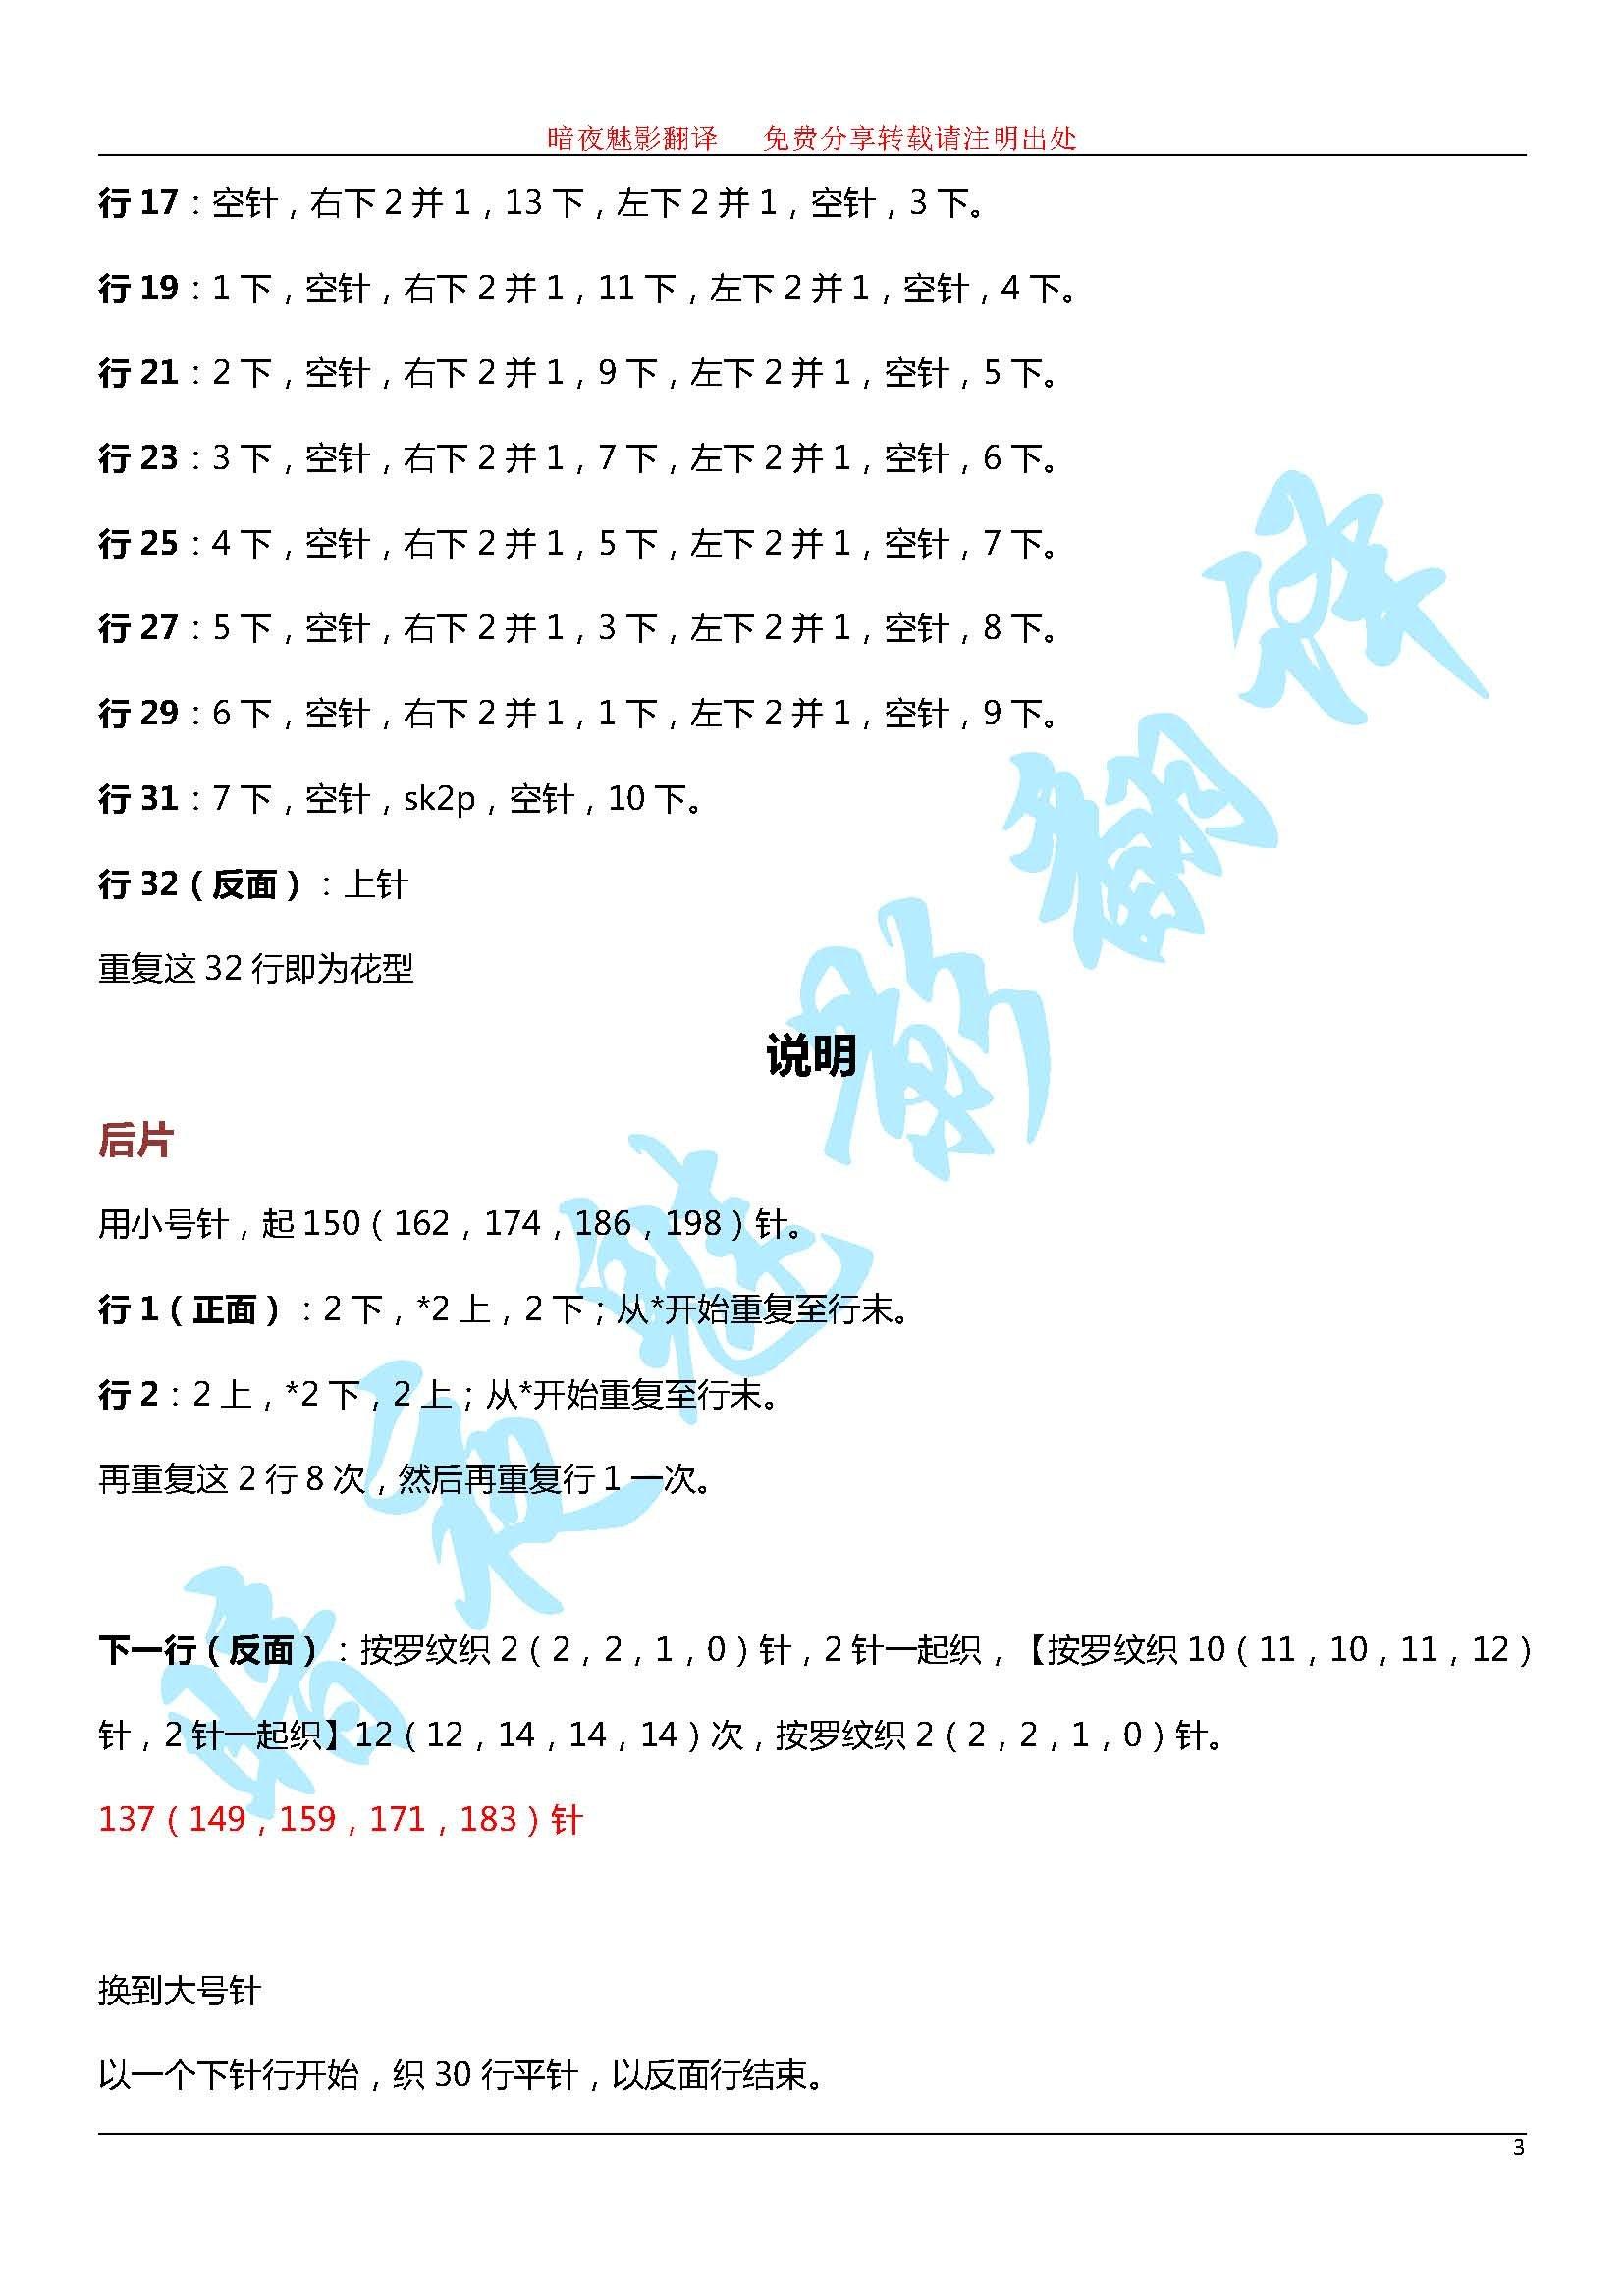 赫本开衫图解_页面_03.jpg